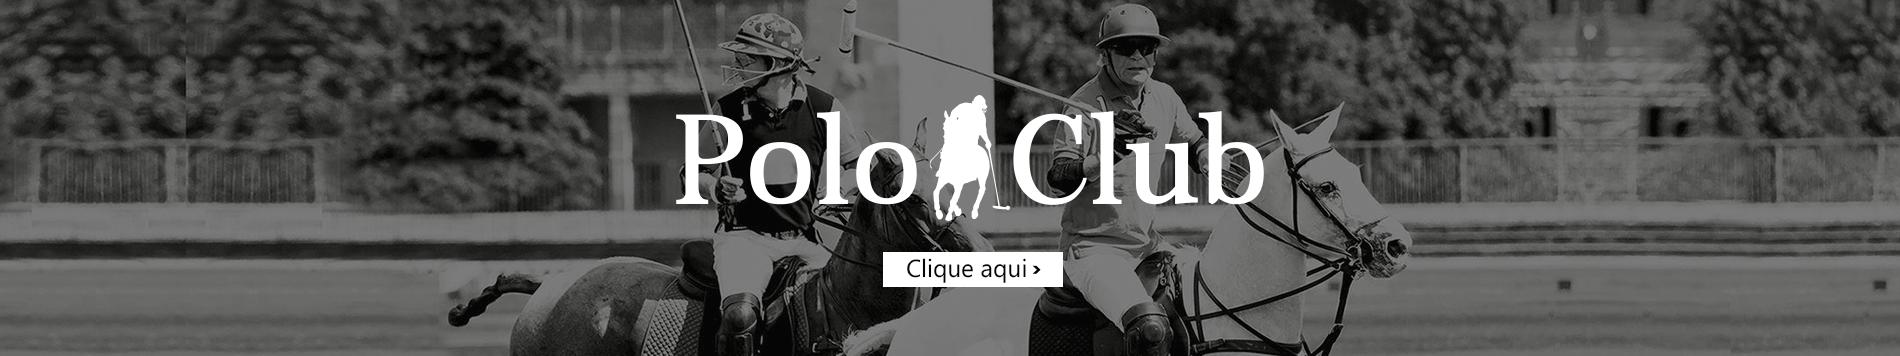 Polo Clube